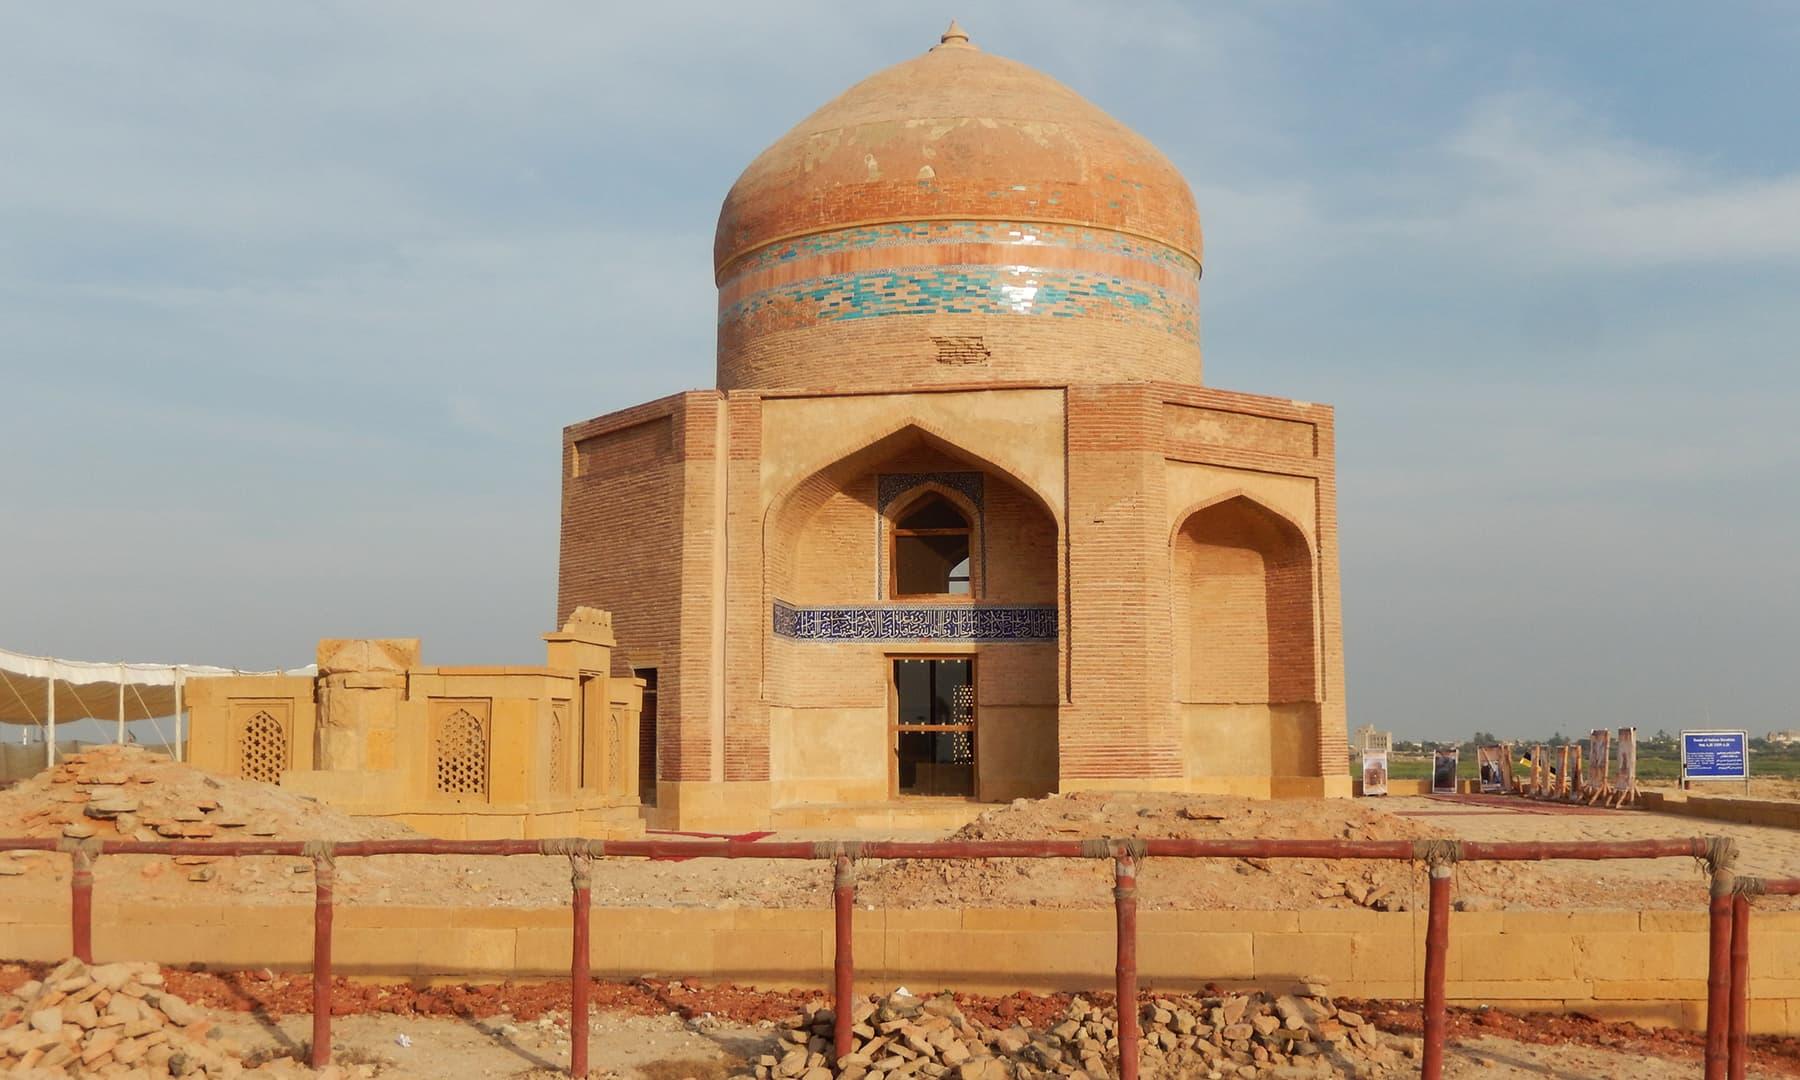 امیر سلطان بیگ کا مقبرہ —تصویر ابوبکر شیخ